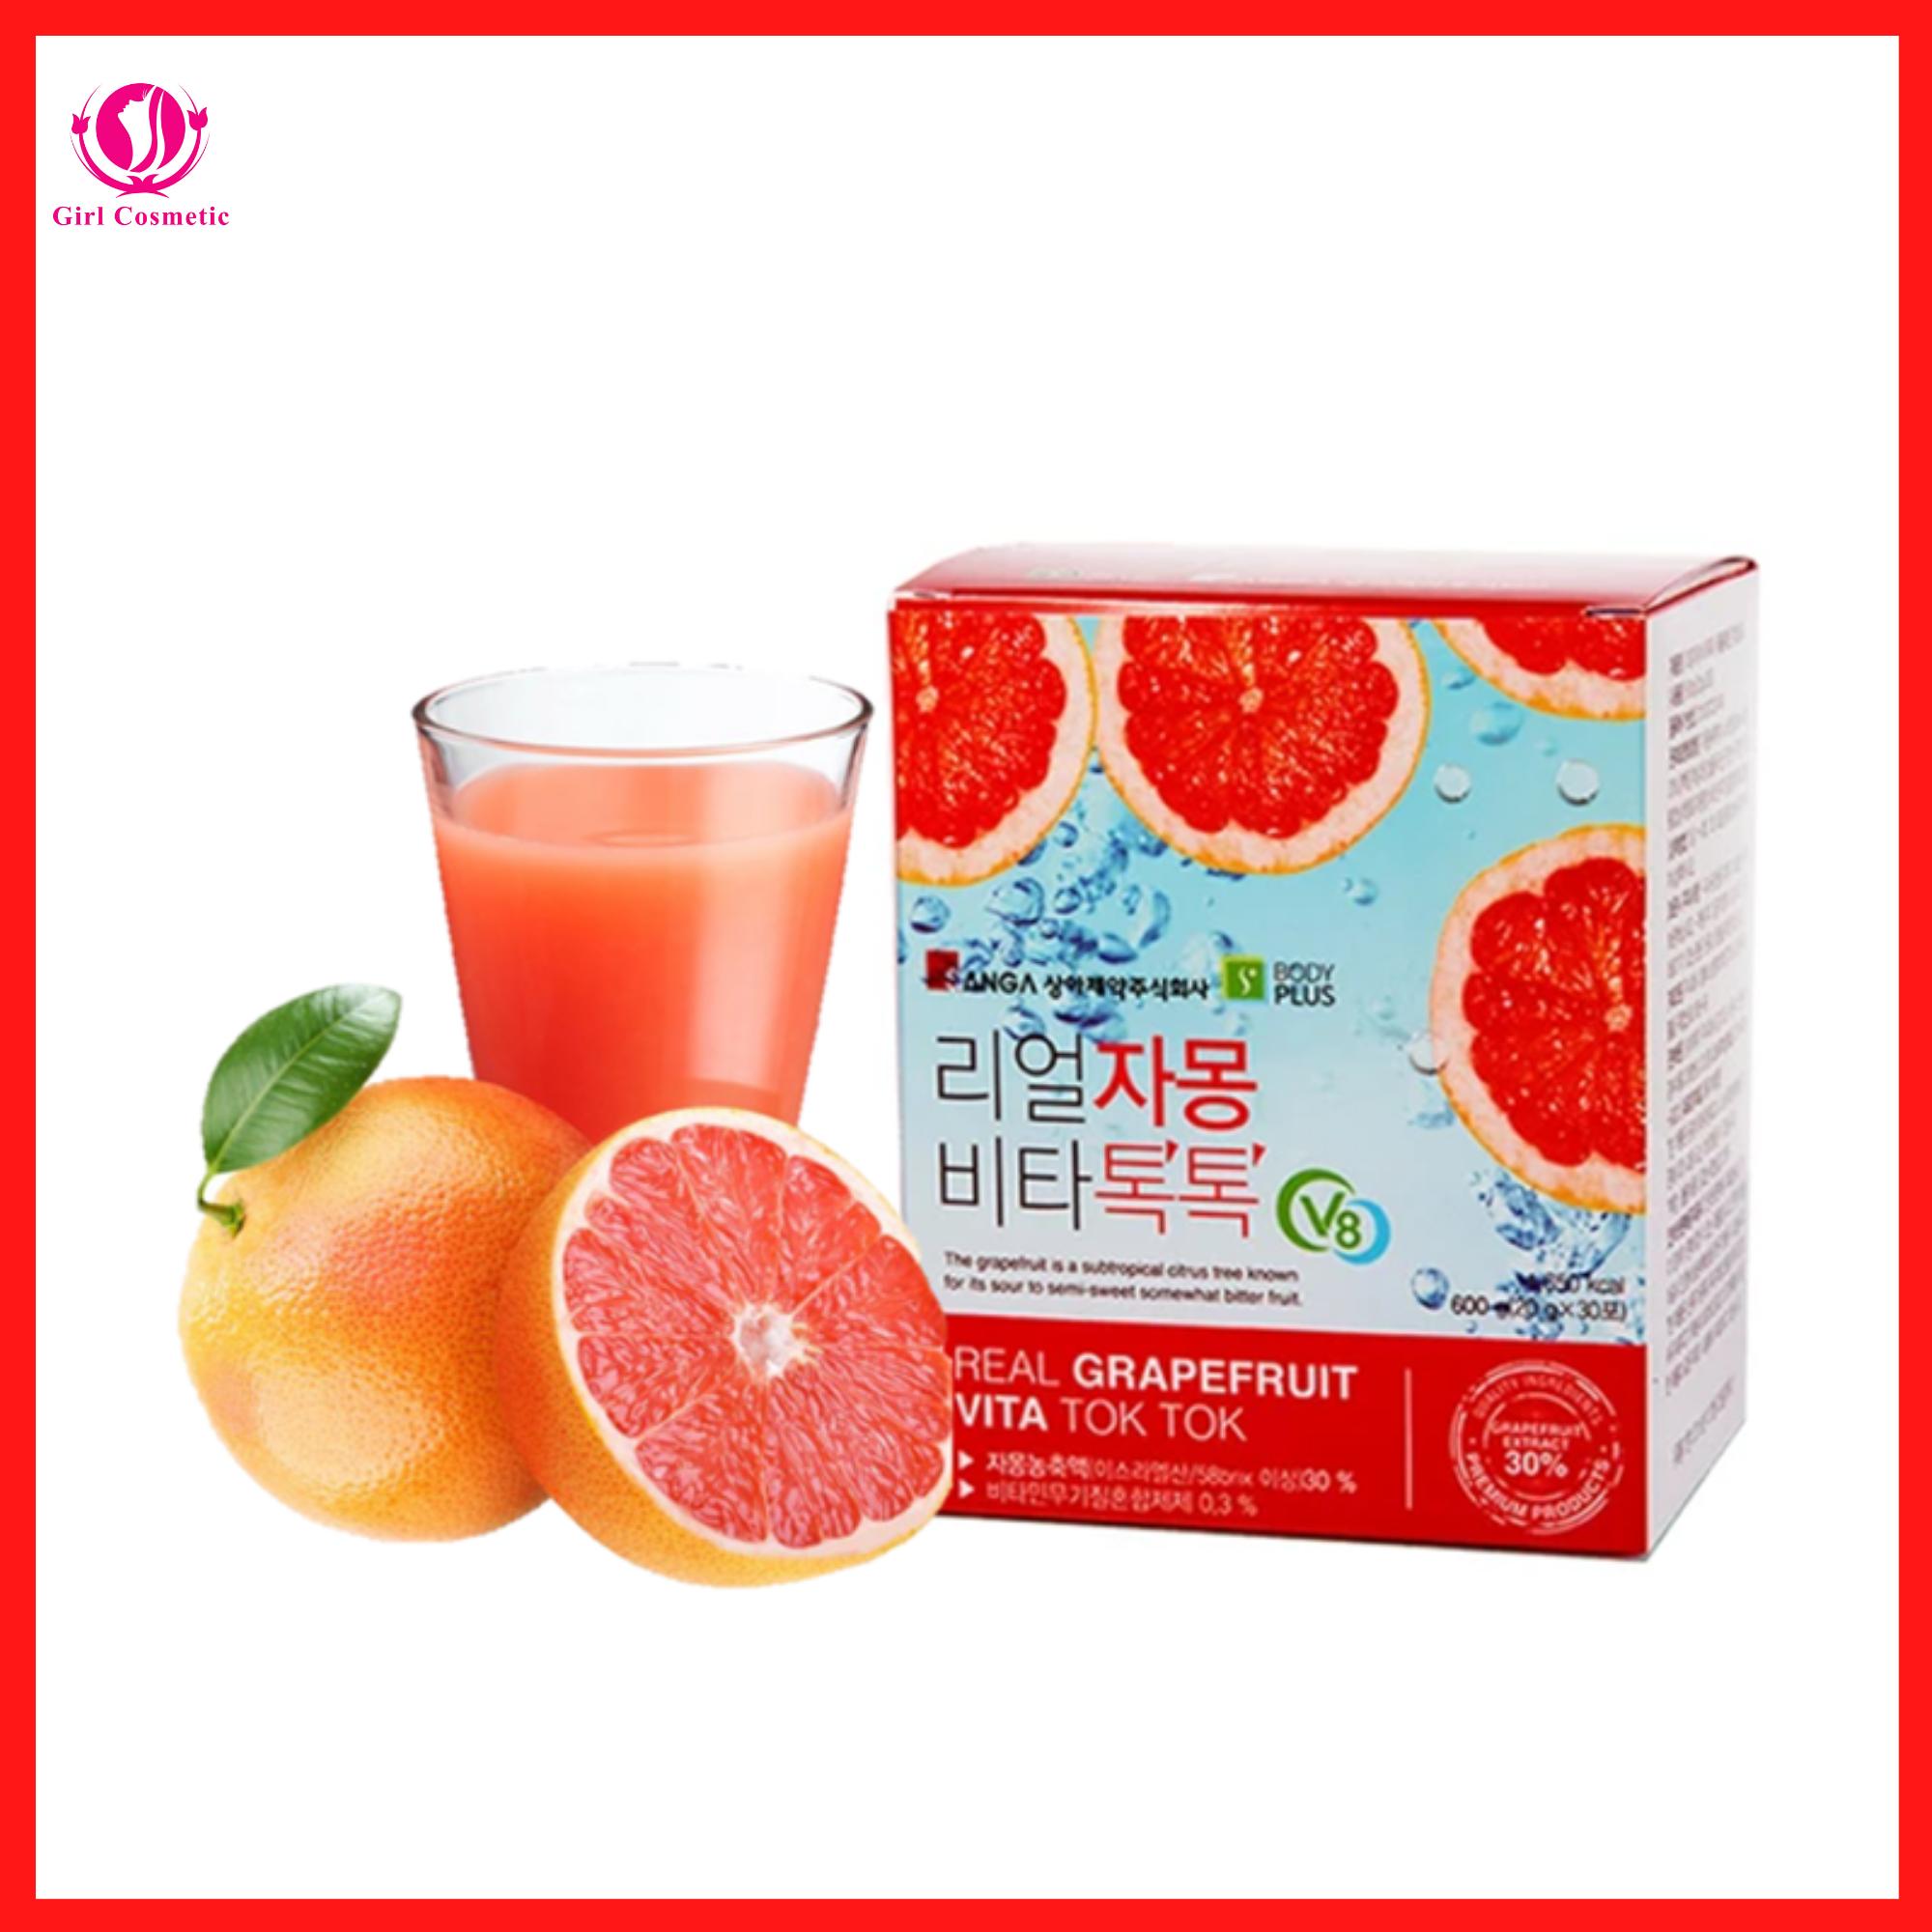 NƯỚC ÉP BƯỞI GIẢM CÂN ĐẸP DA Hàn Quốc Sanga Real Grapefruit Vita Tok Tok